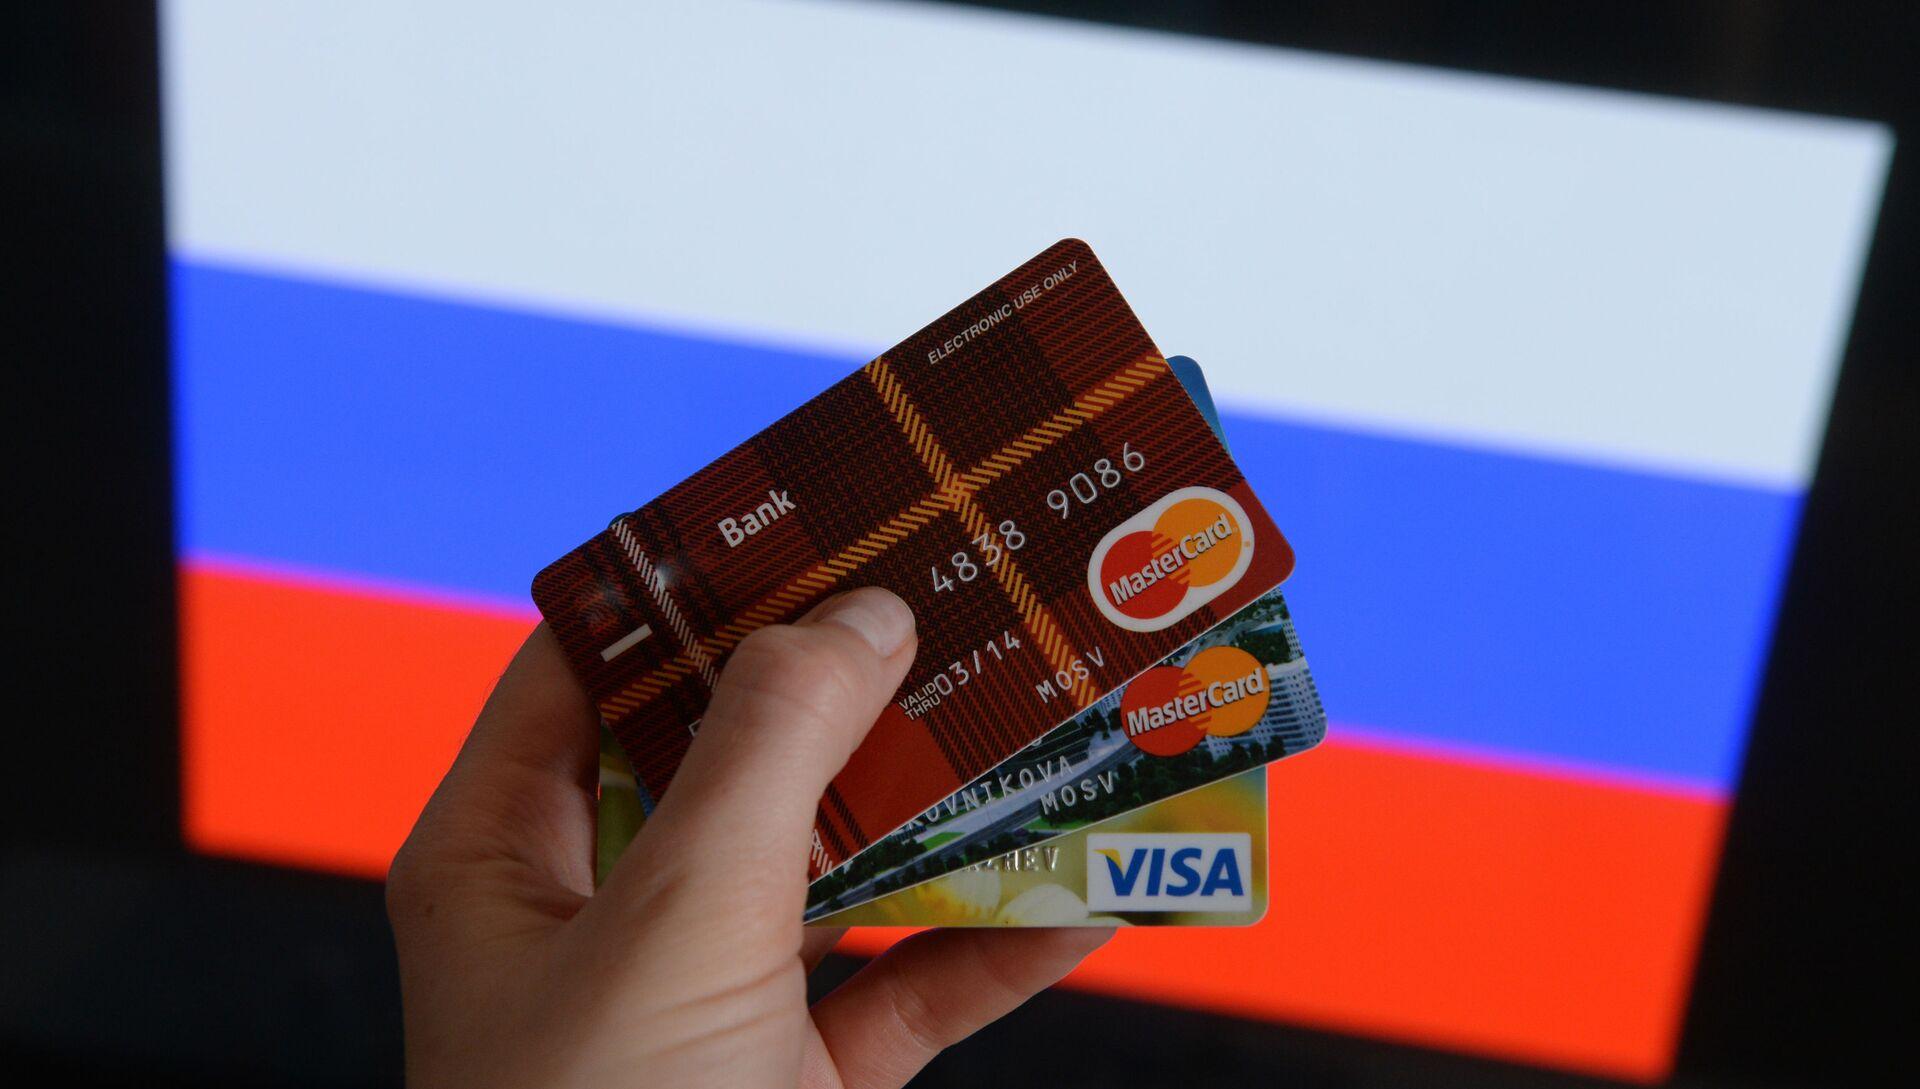 Банковские карты международных платежных систем VISA и MasterCard - РИА Новости, 1920, 15.04.2021